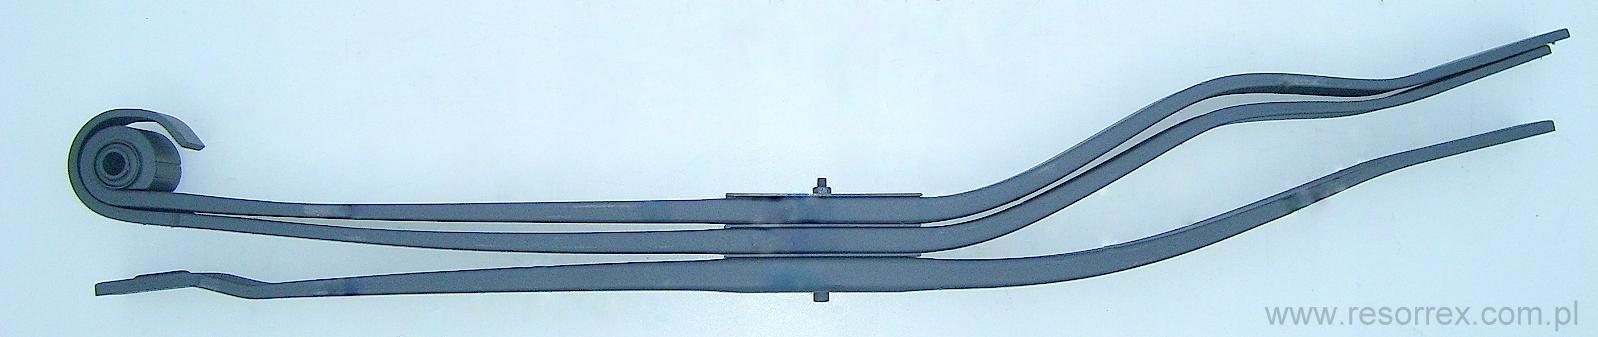 листовая задняя панель 3 рессора volvo fl6